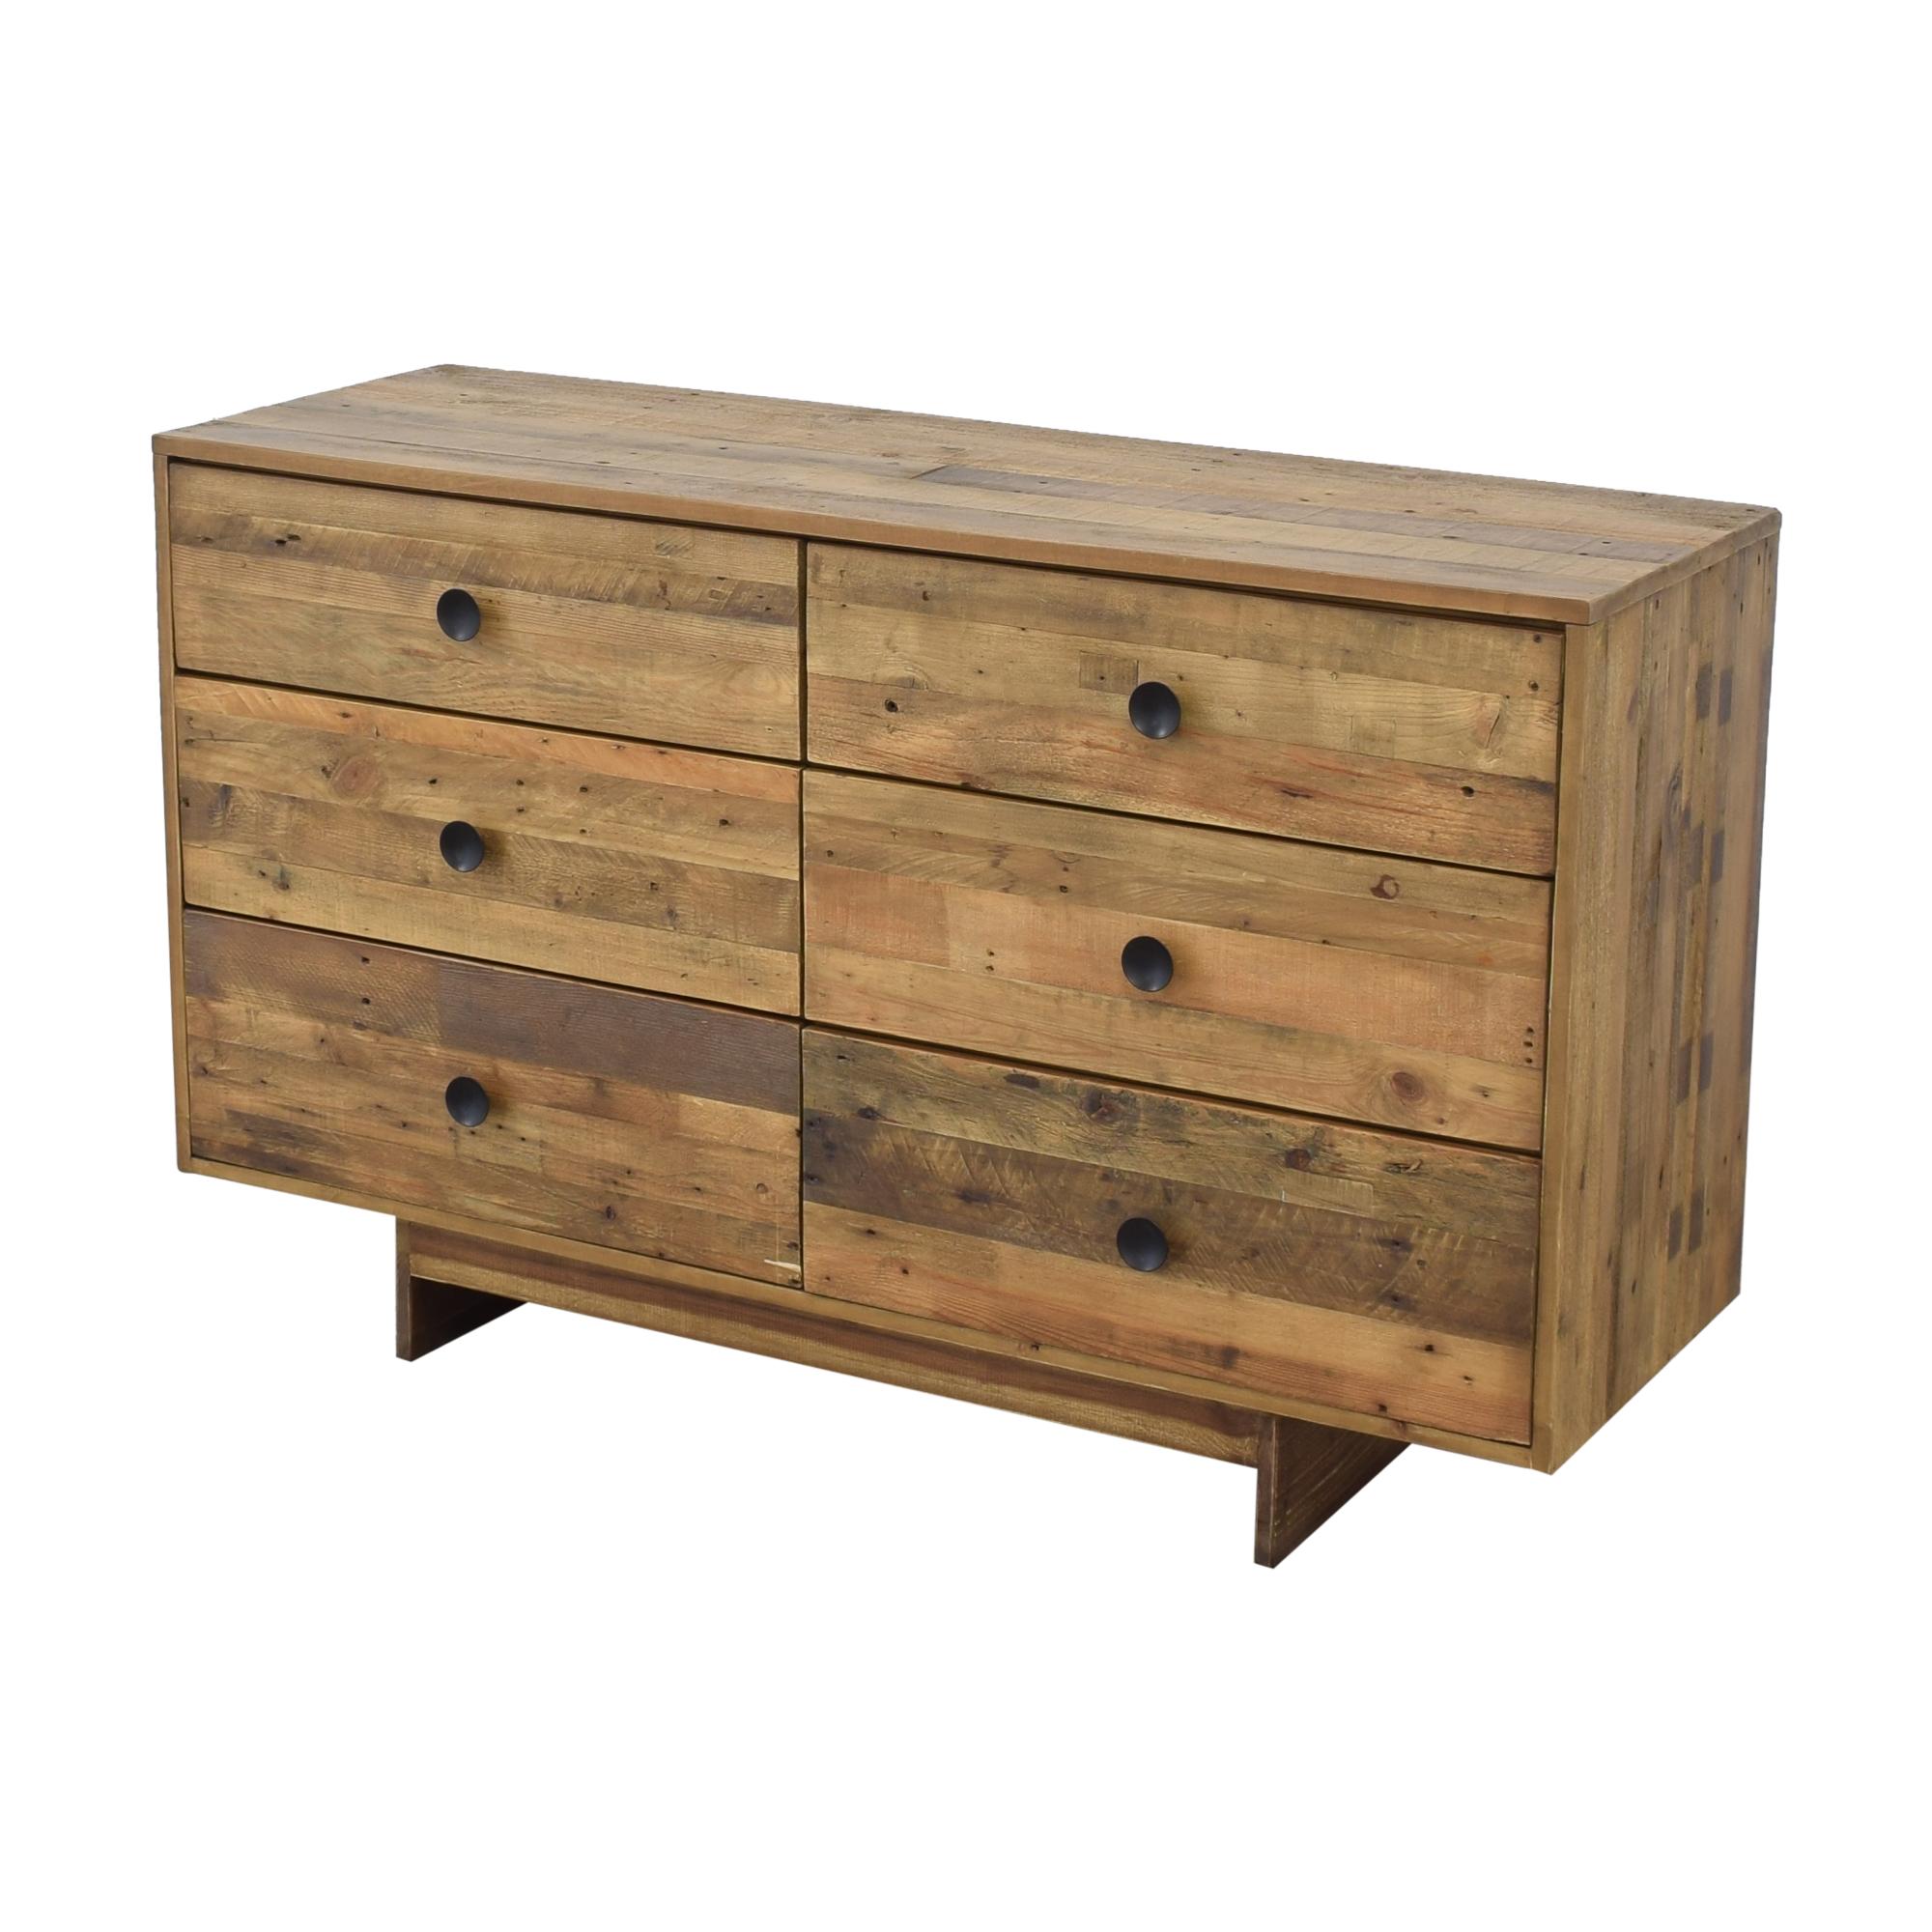 West Elm West Elm Emmerson Reclaimed Six Drawer Dresser used